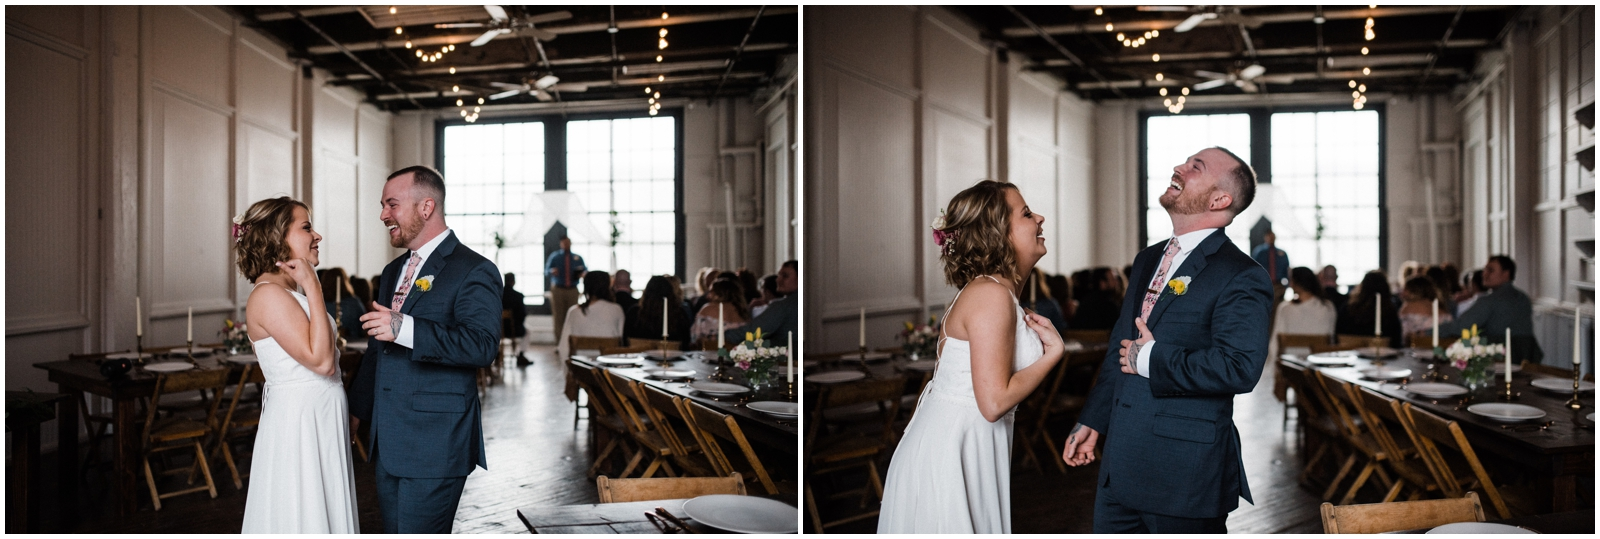 Ohio Wedding Photographer. Something Old Dayton_0382.jpg